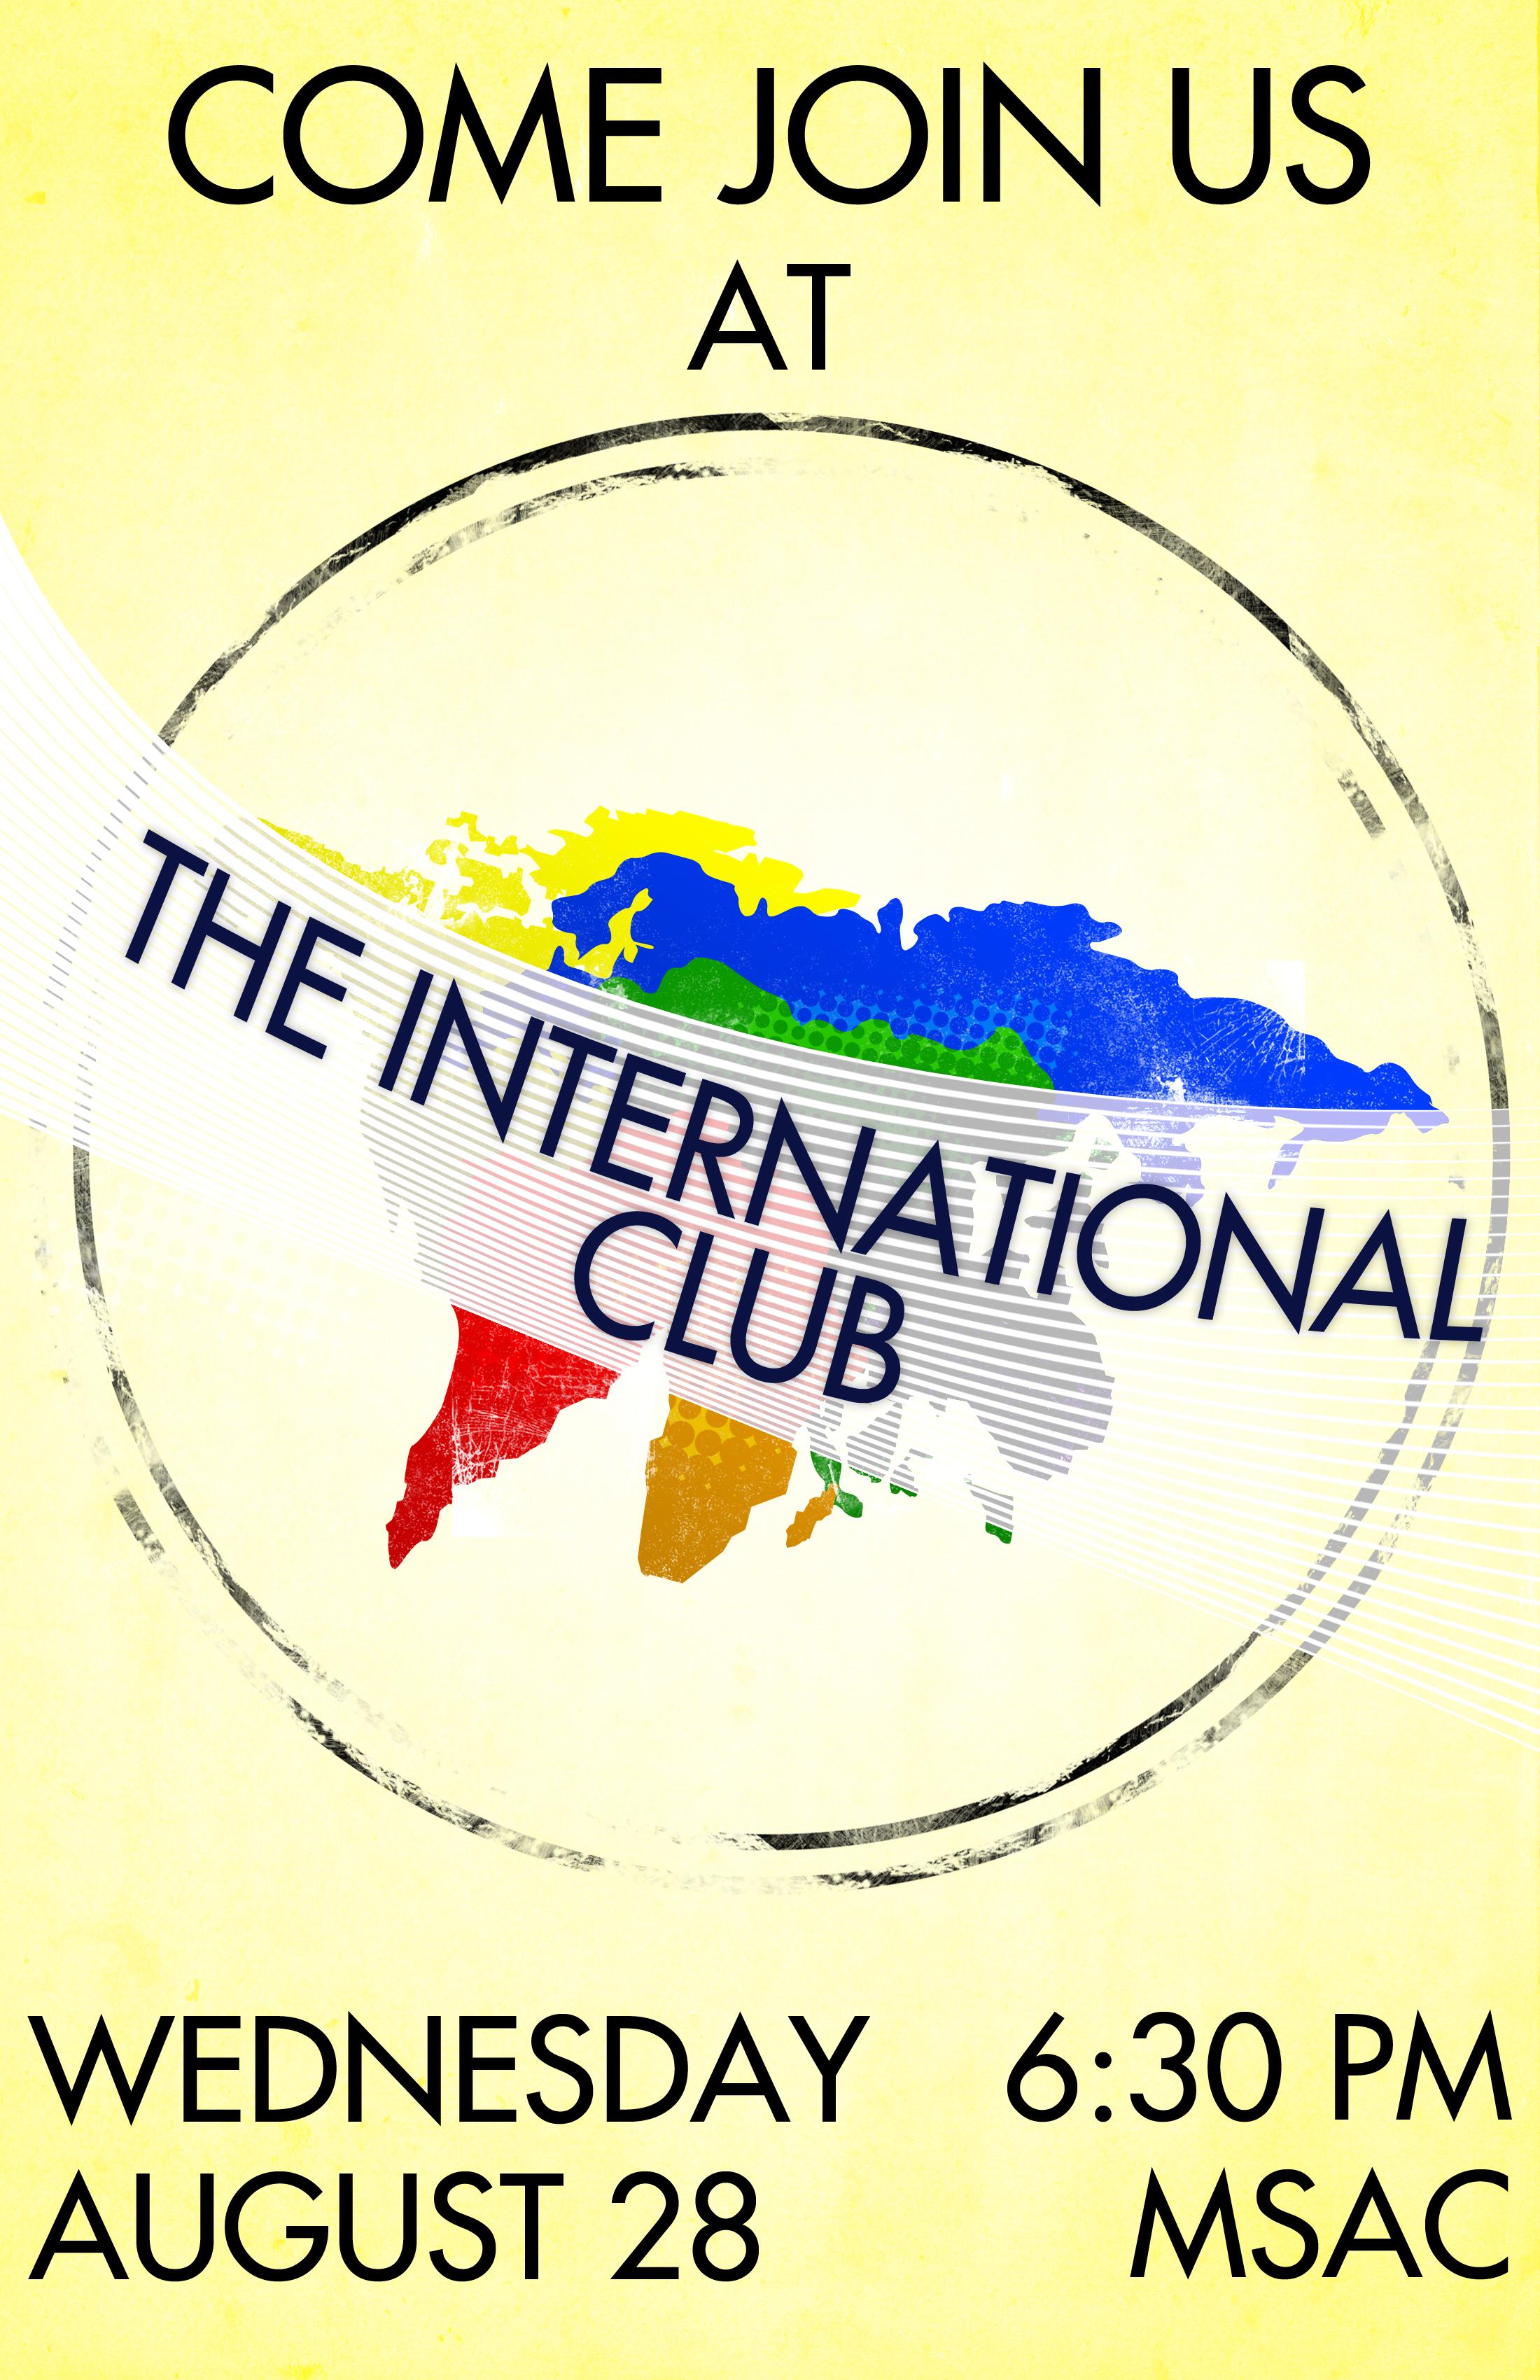 International Club.jpg